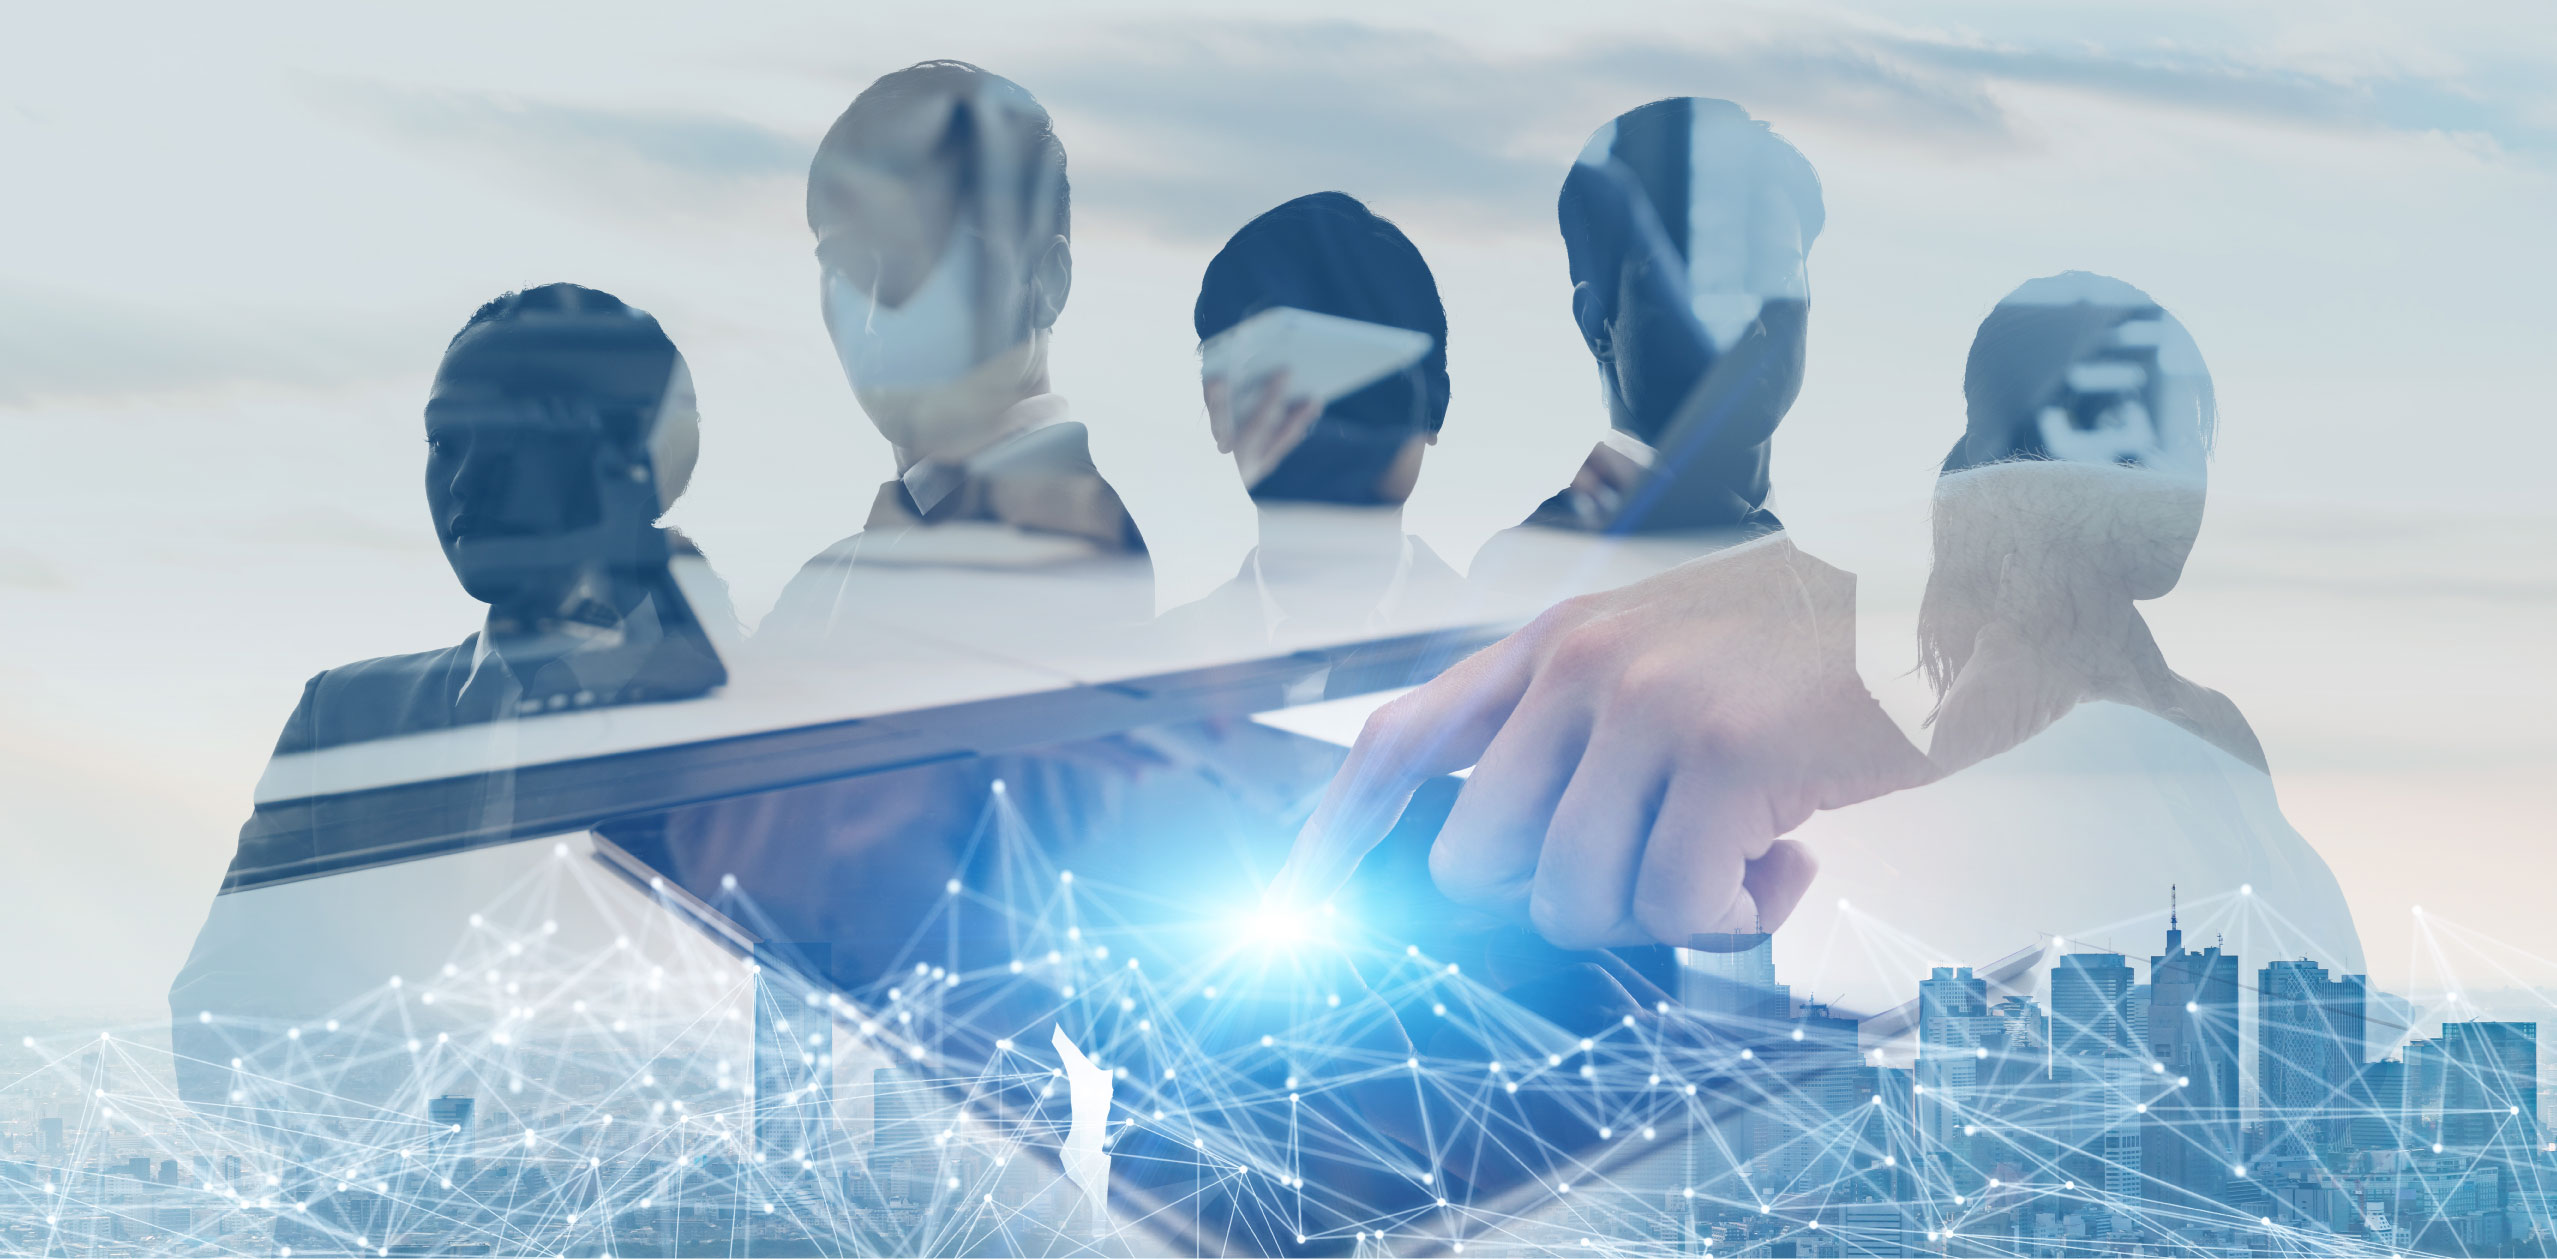 El 91,7% de los líderes de TI cree que las tecnologías emergentes son esenciales para el negocio